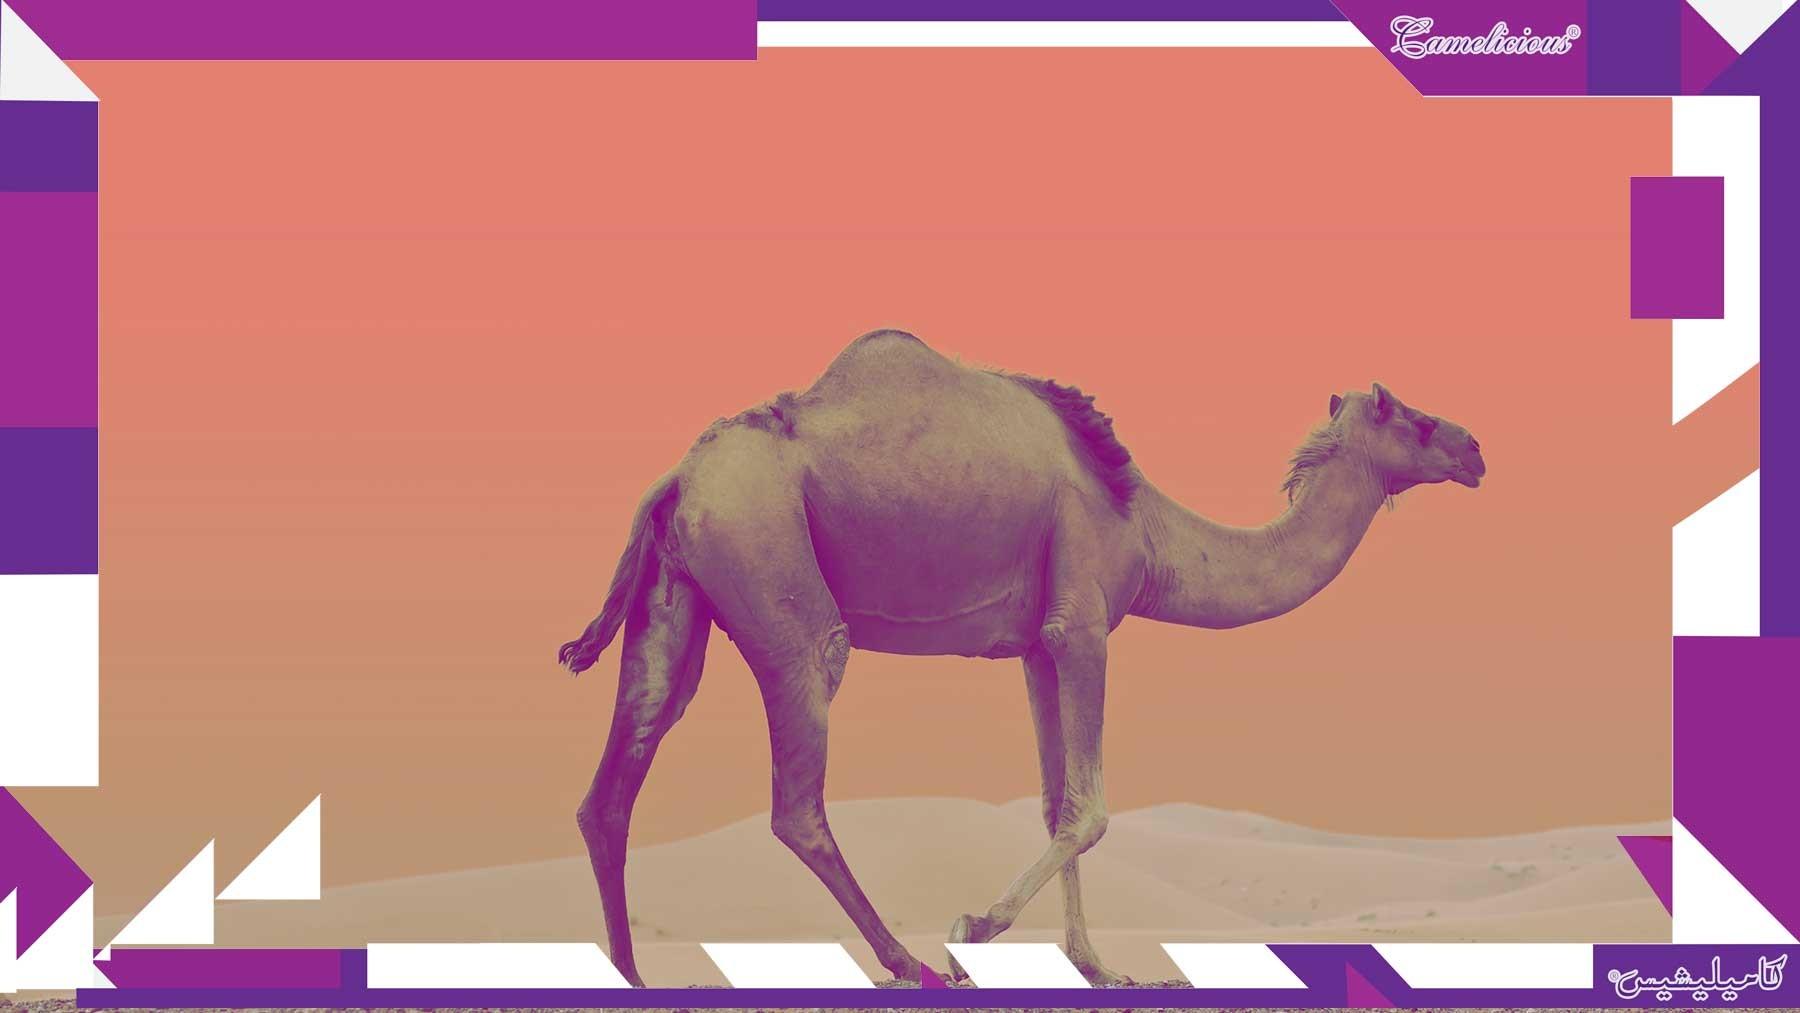 UAE'S camel milk hit shelves in Europe